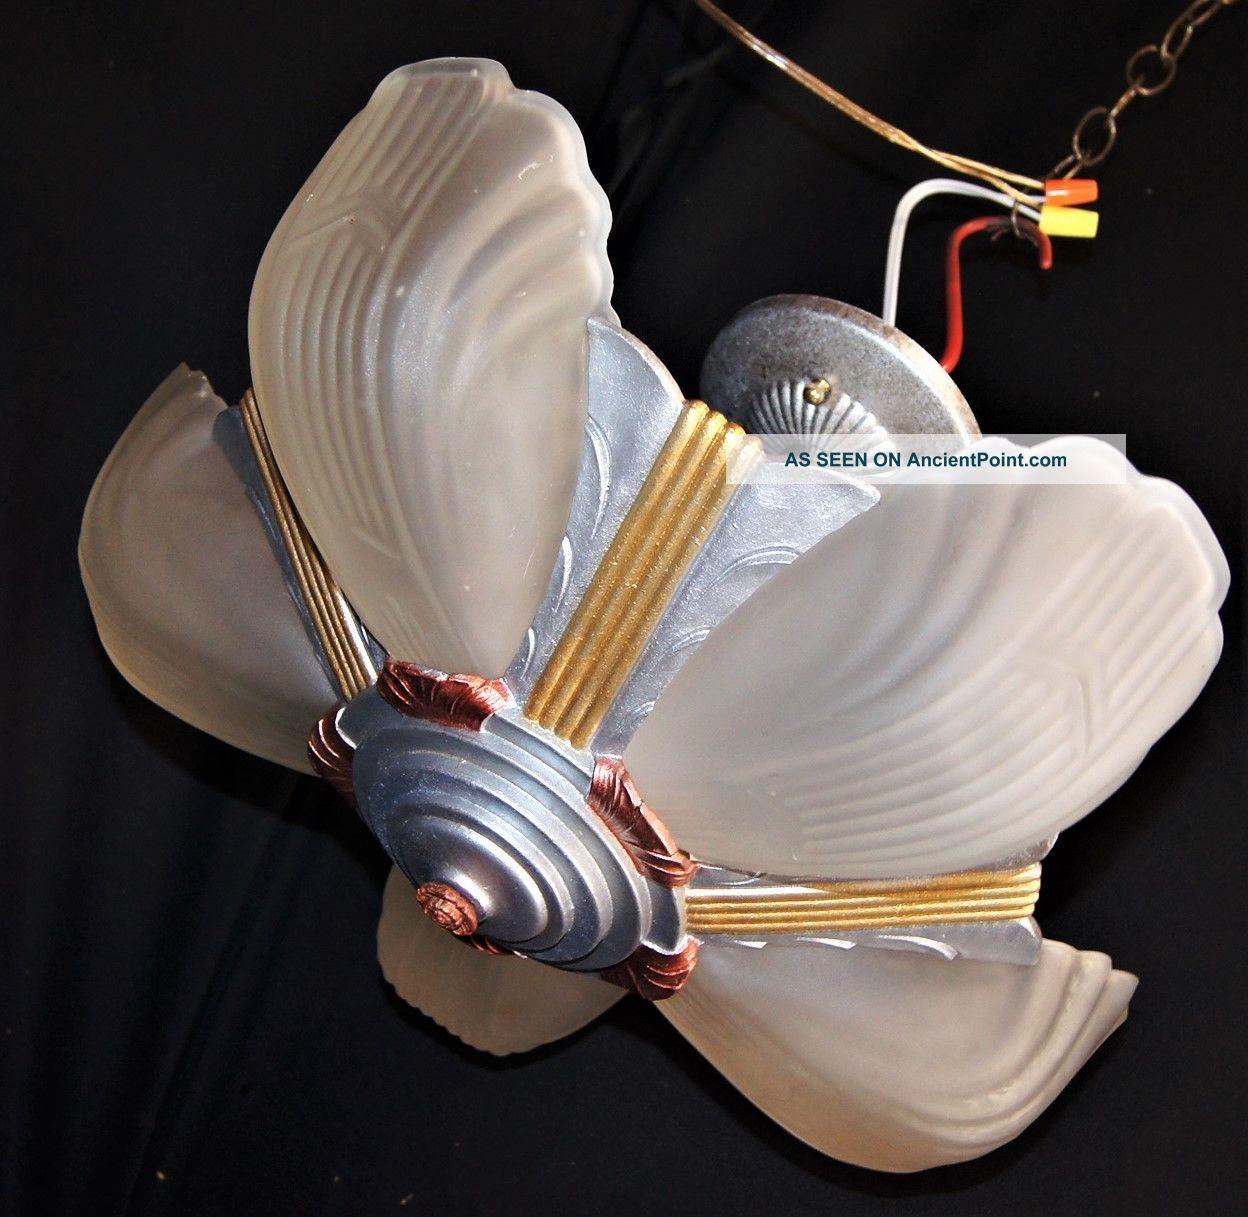 Vtg Art Deco Slip Shade Cast Metal Chevron Ceiling Light Chandelier Fixture 1930 Chandeliers, Fixtures, Sconces photo